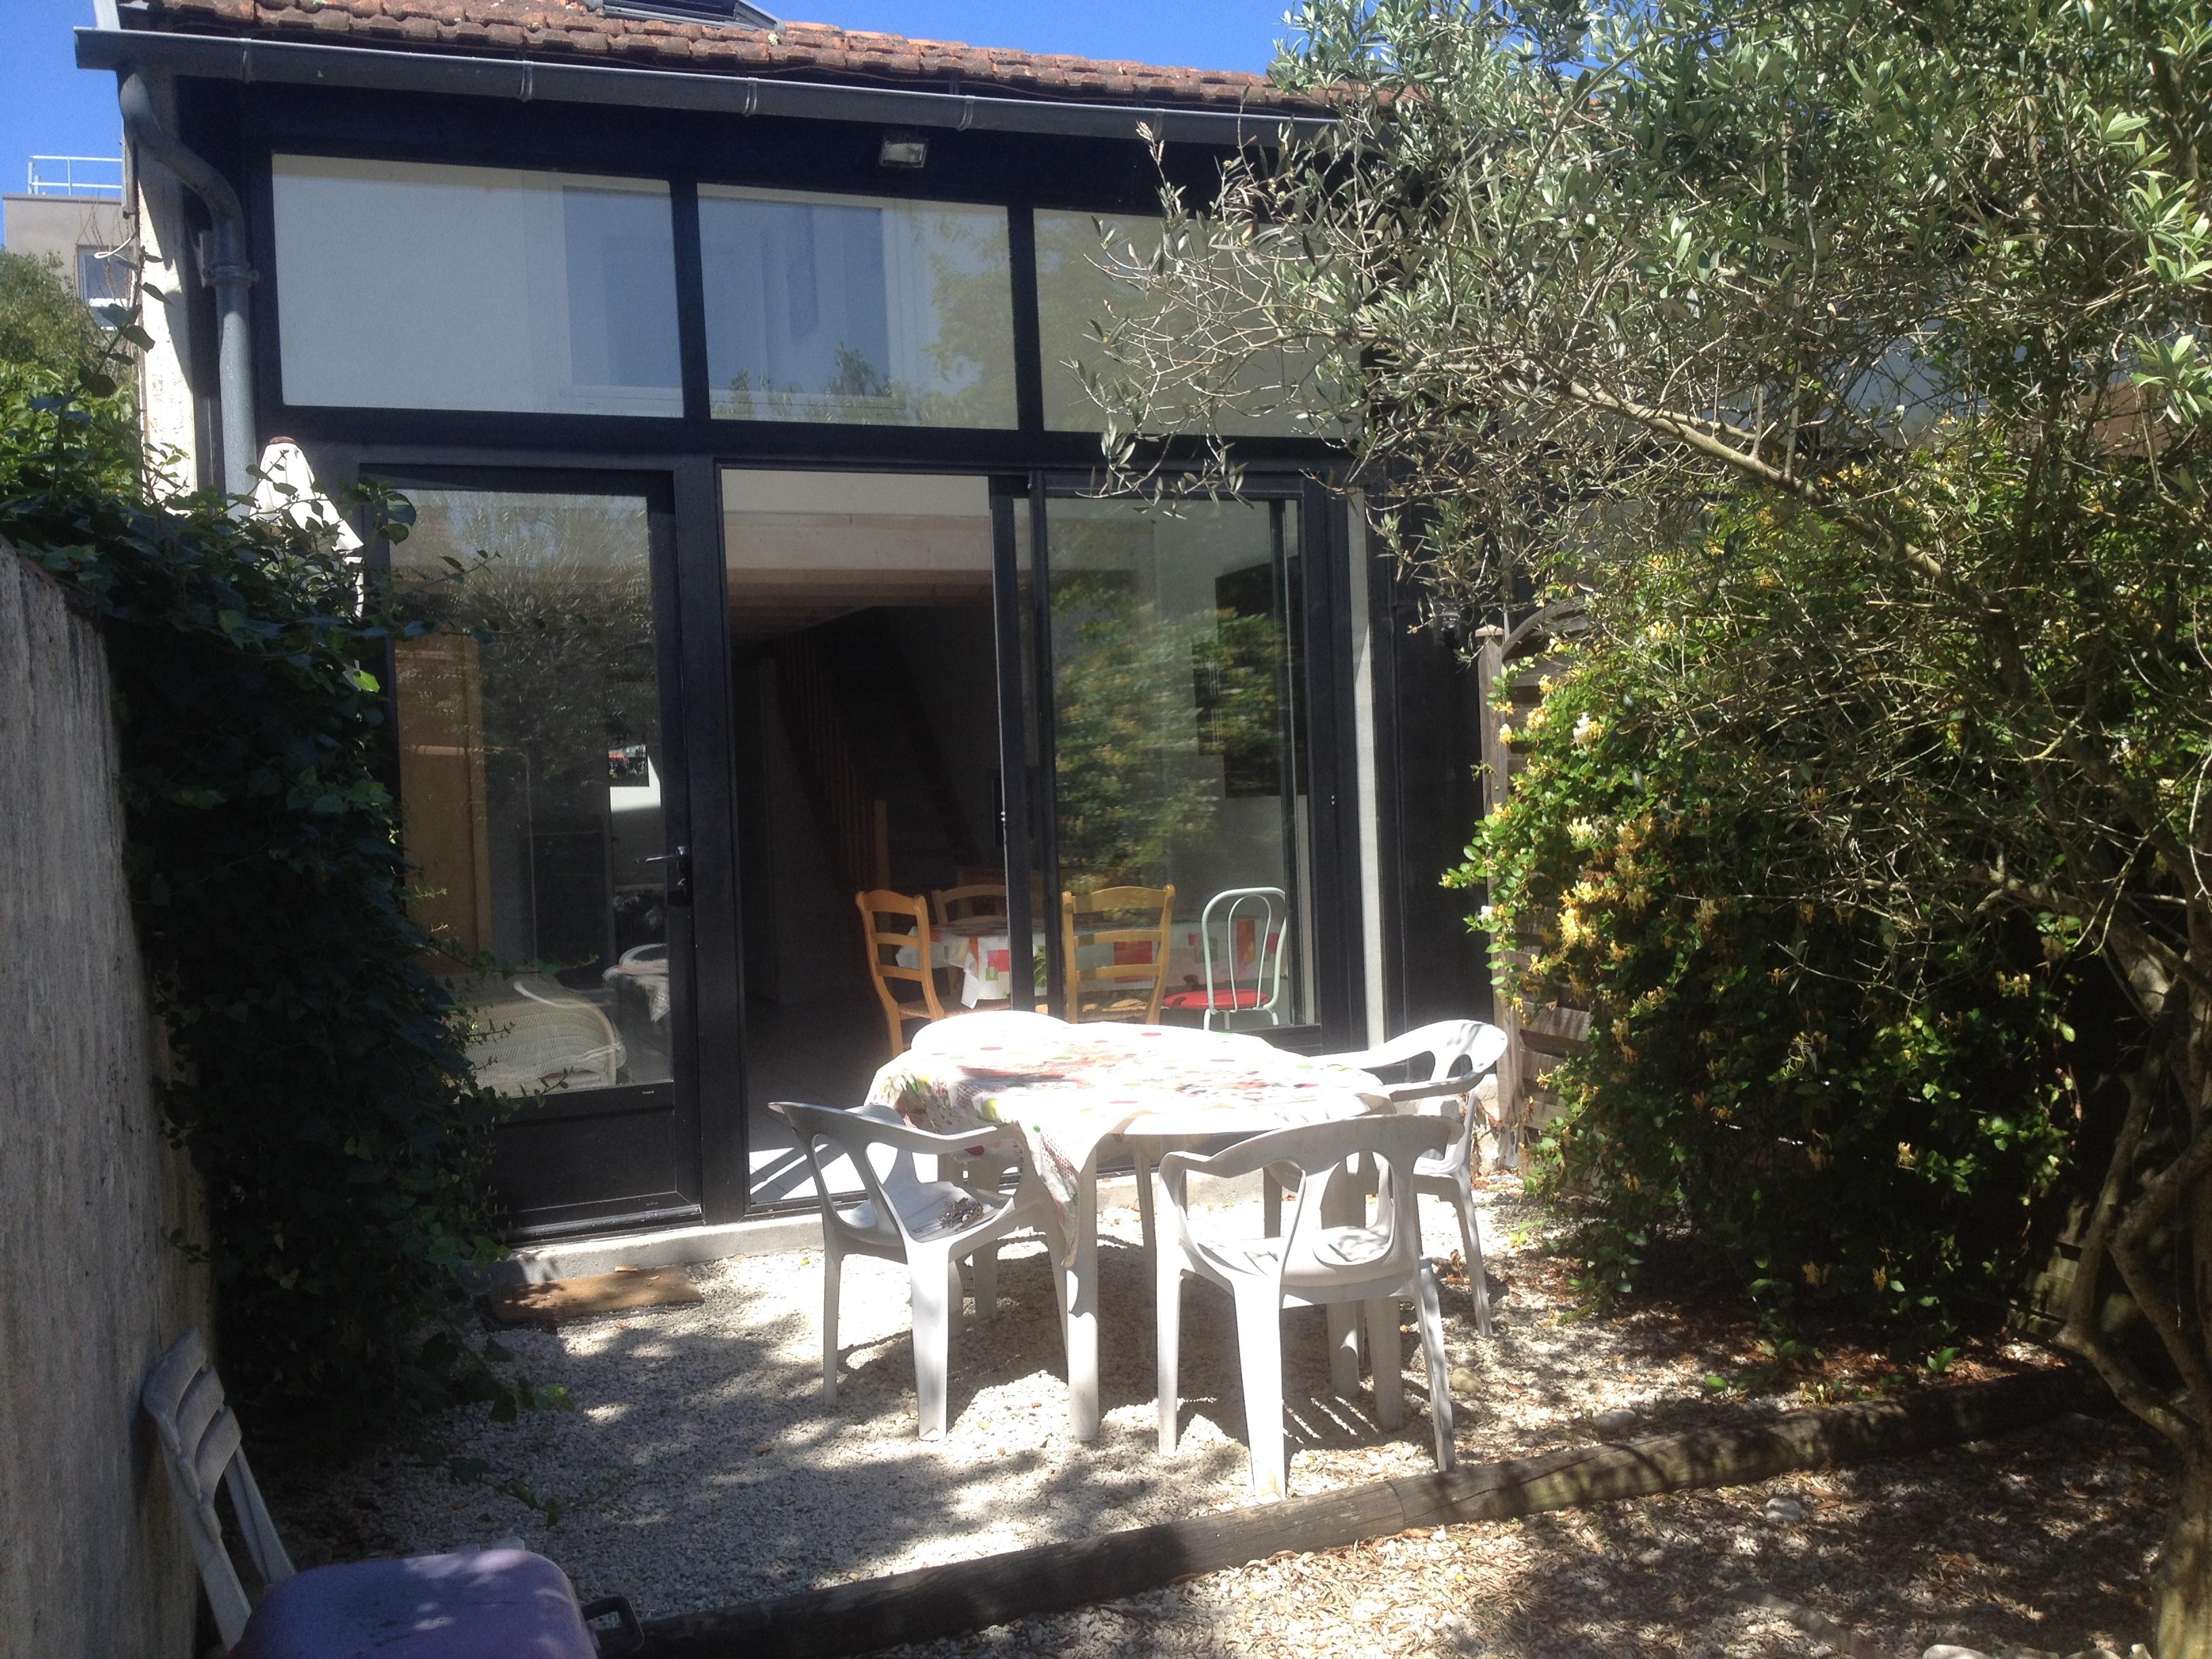 Maison loft 1 t3 55 m2 loft gauche la rochelle location meubl e la rochelle 1km - Location meublee la rochelle ...